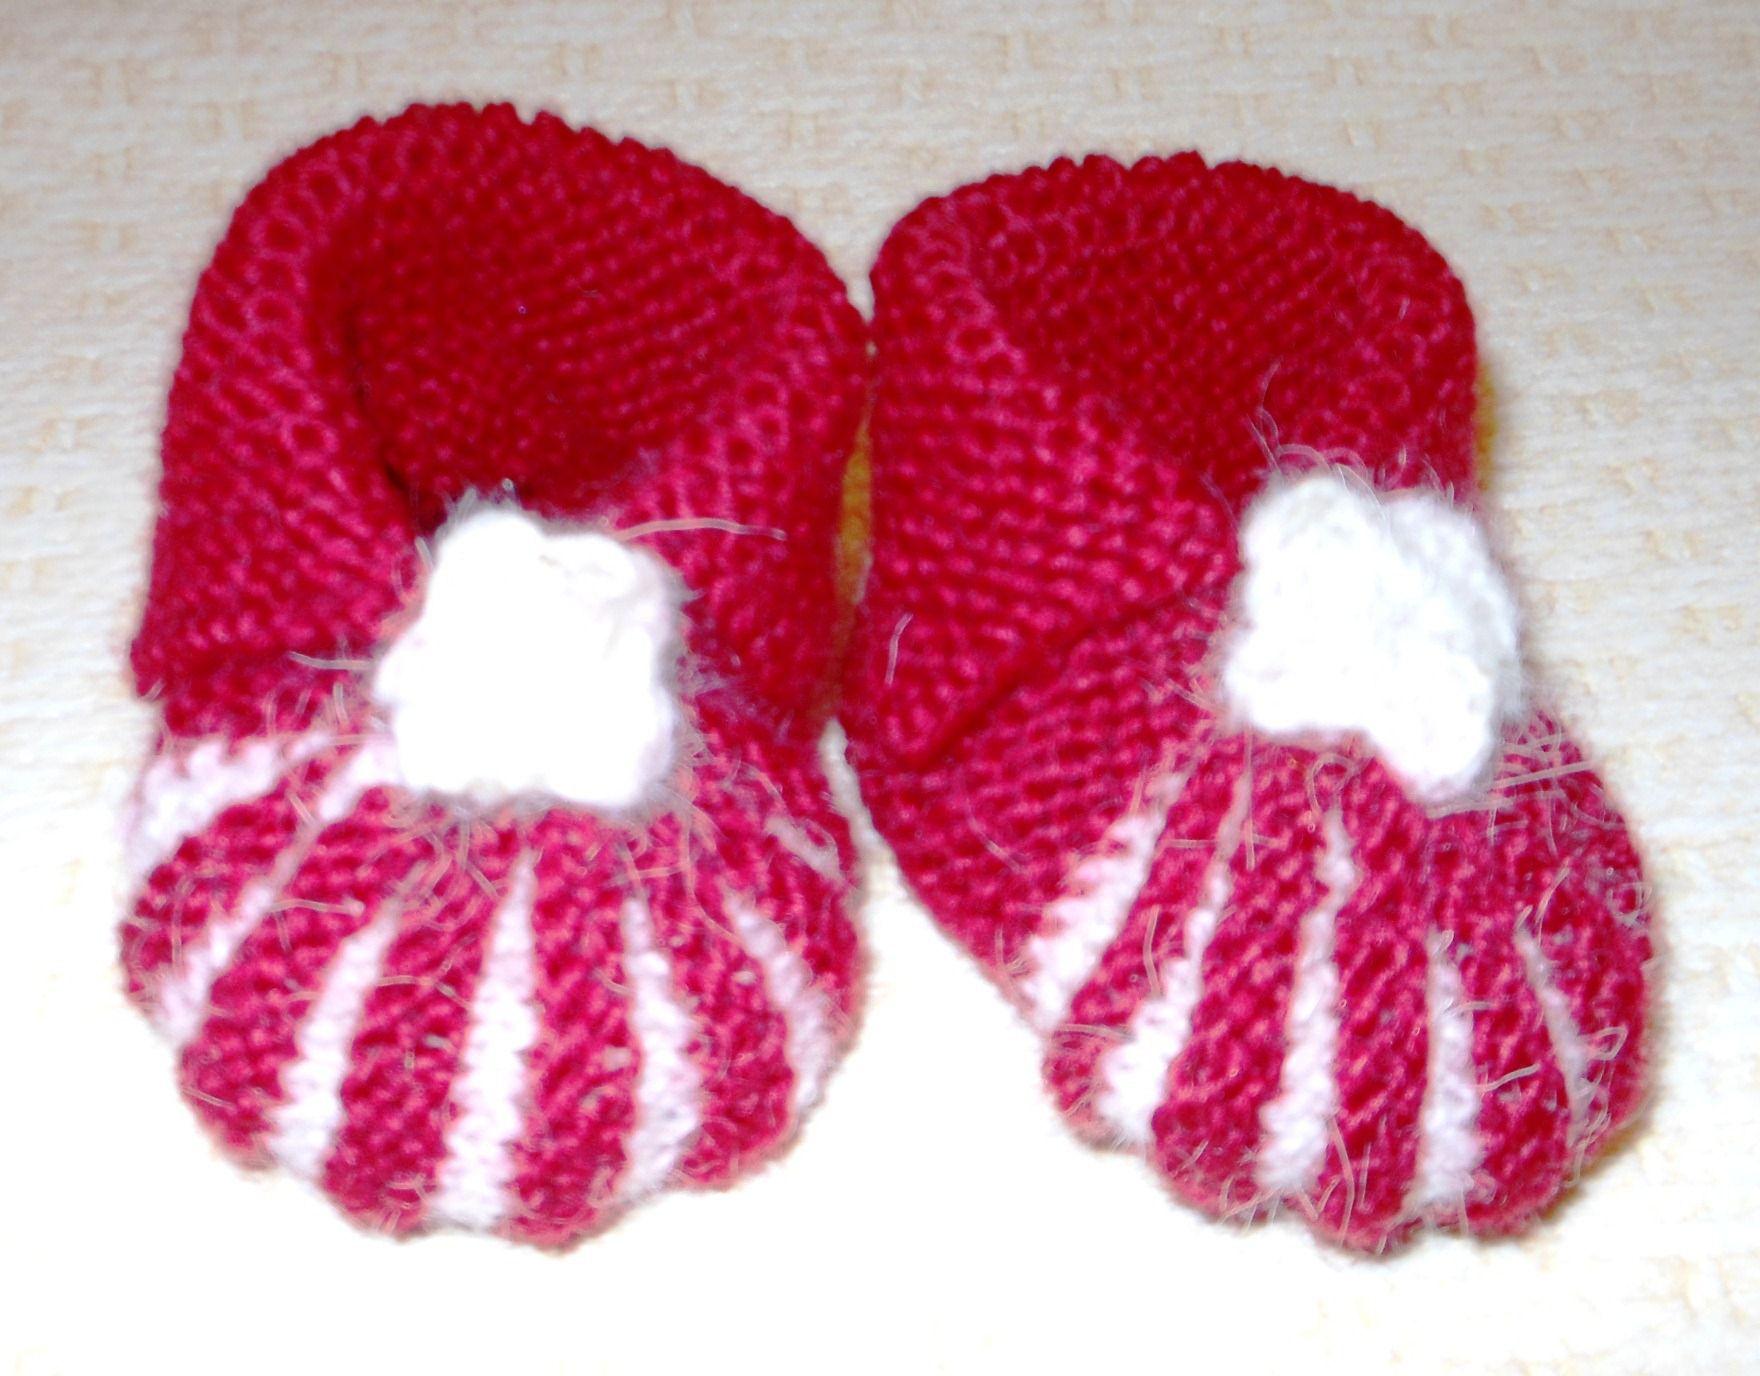 спицами в пинетки работа теплые ребёнка ребёнку мягкие для обувь носки ручная вязание купить носочки подарок связано